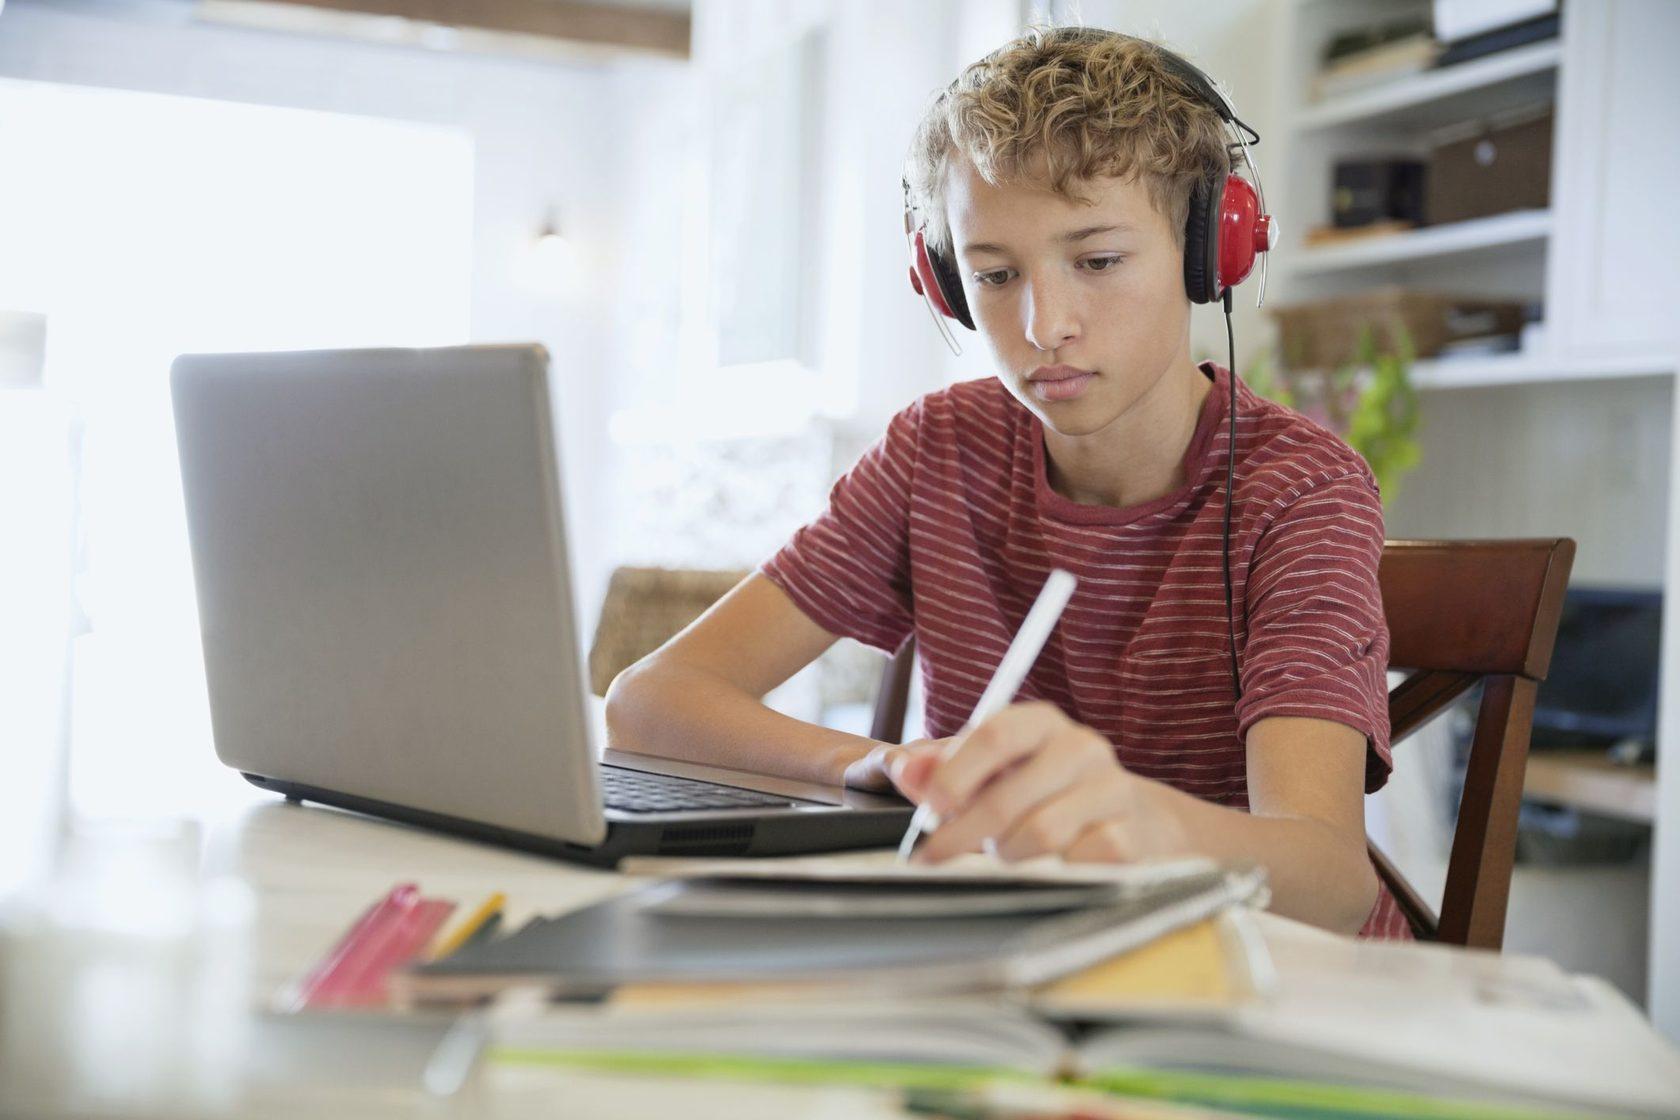 Организация образовательного процесса в образовательных организациях Братского района с применением электронного обучения и дистанционных образовательных технологий